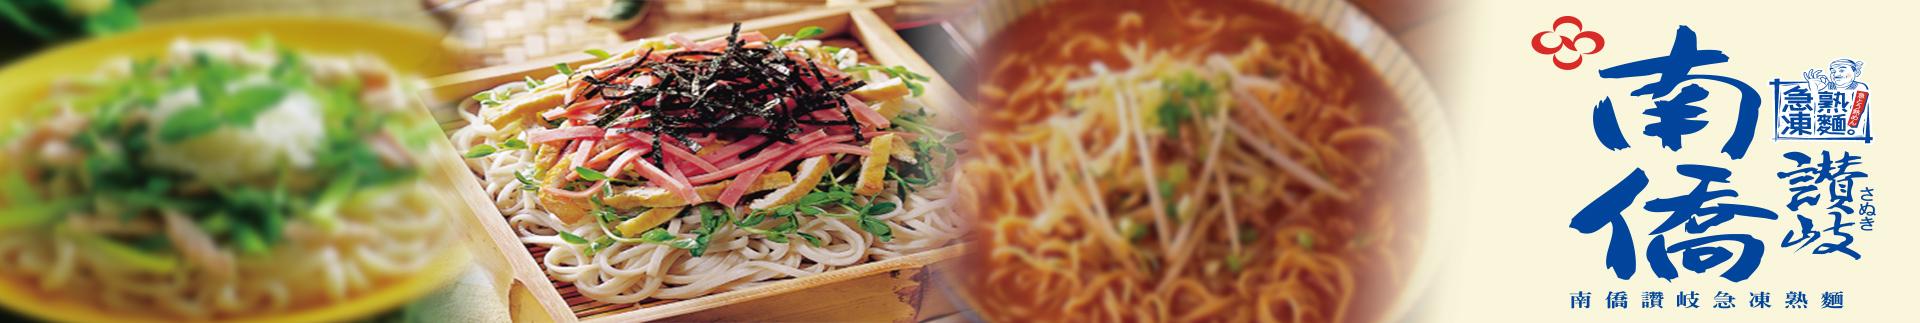 noodle-main00.jpg